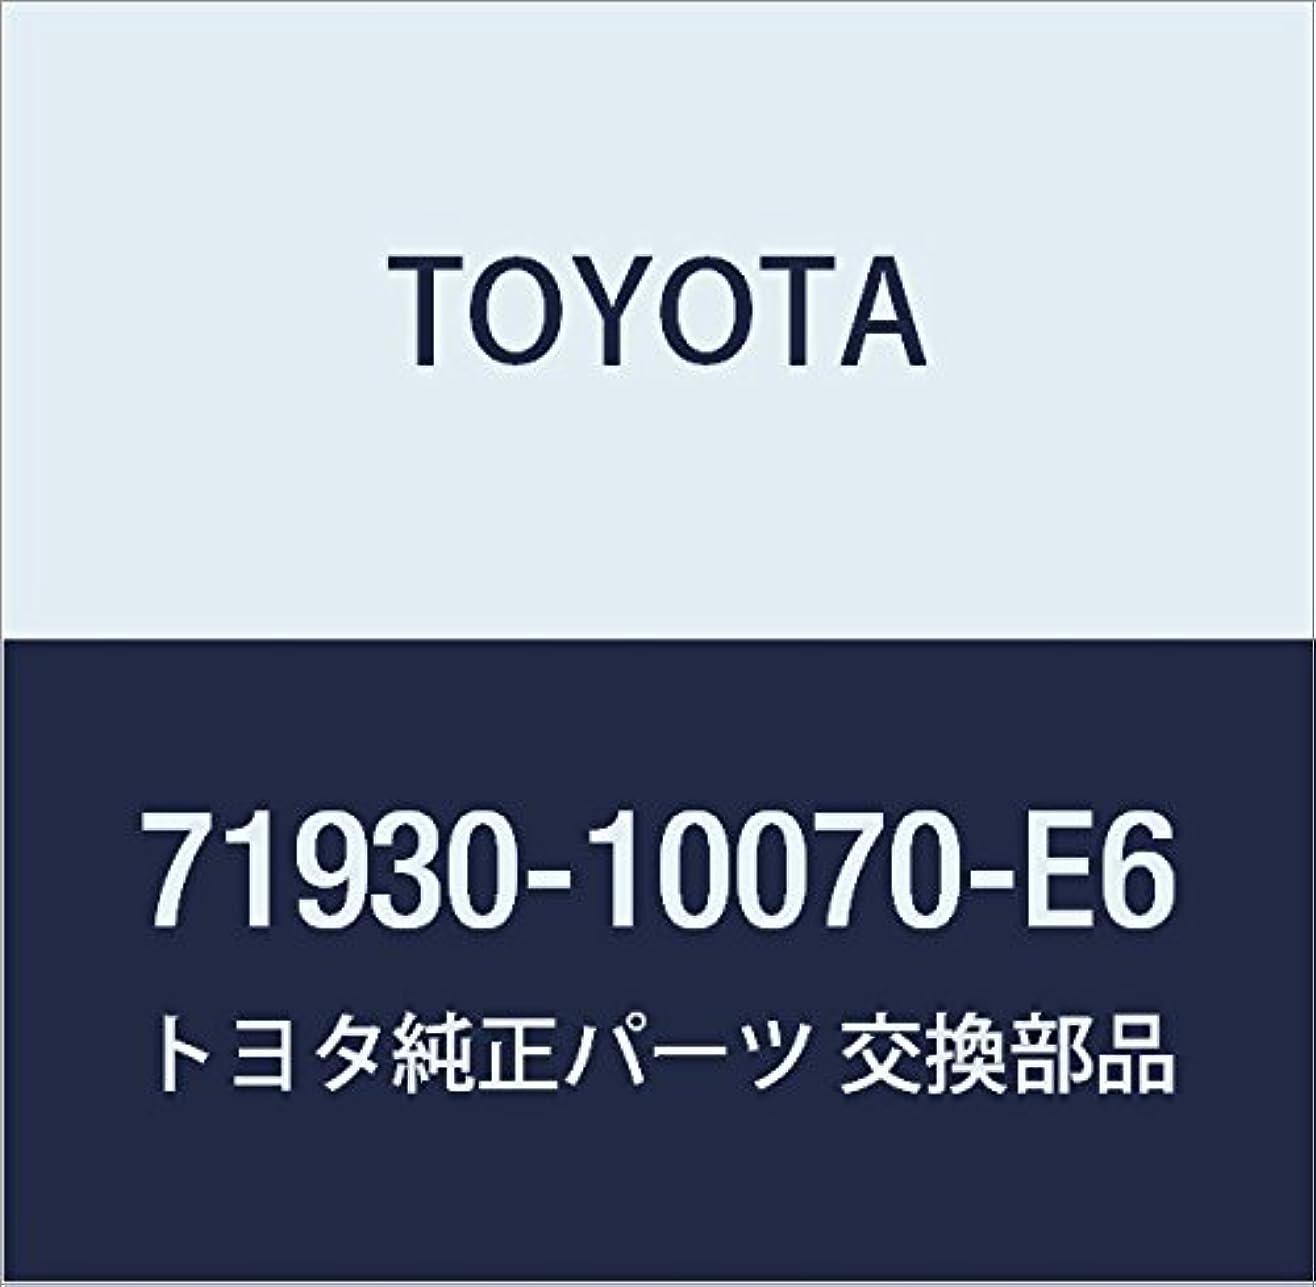 純粋に山積みのひねりTOYOTA (トヨタ) 純正部品 フロントシートヘッドレスト サポート (DK. ROSE) カリーナ FF 品番71930-10070-E6